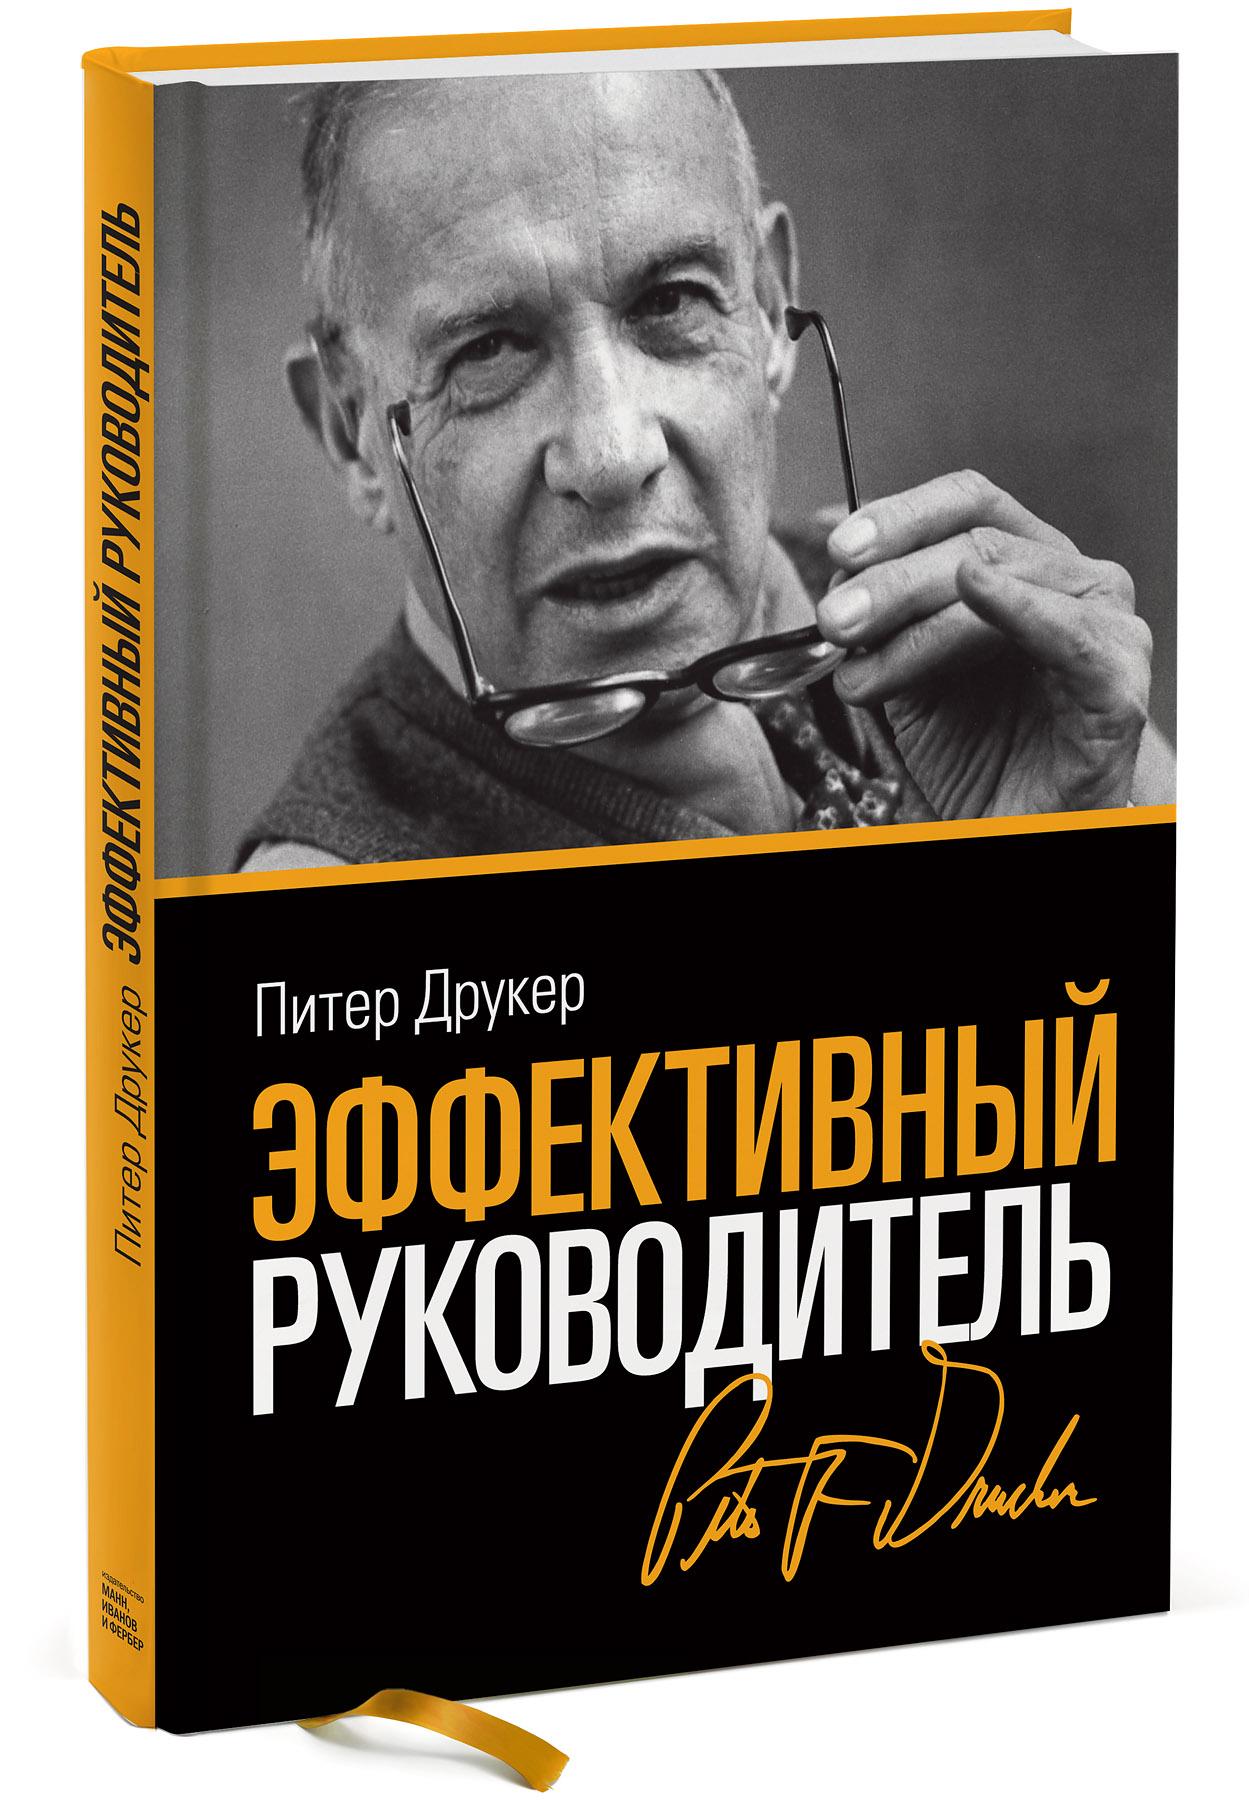 Эффективный руководитель (новая обложка) ( Питер Друкер  )